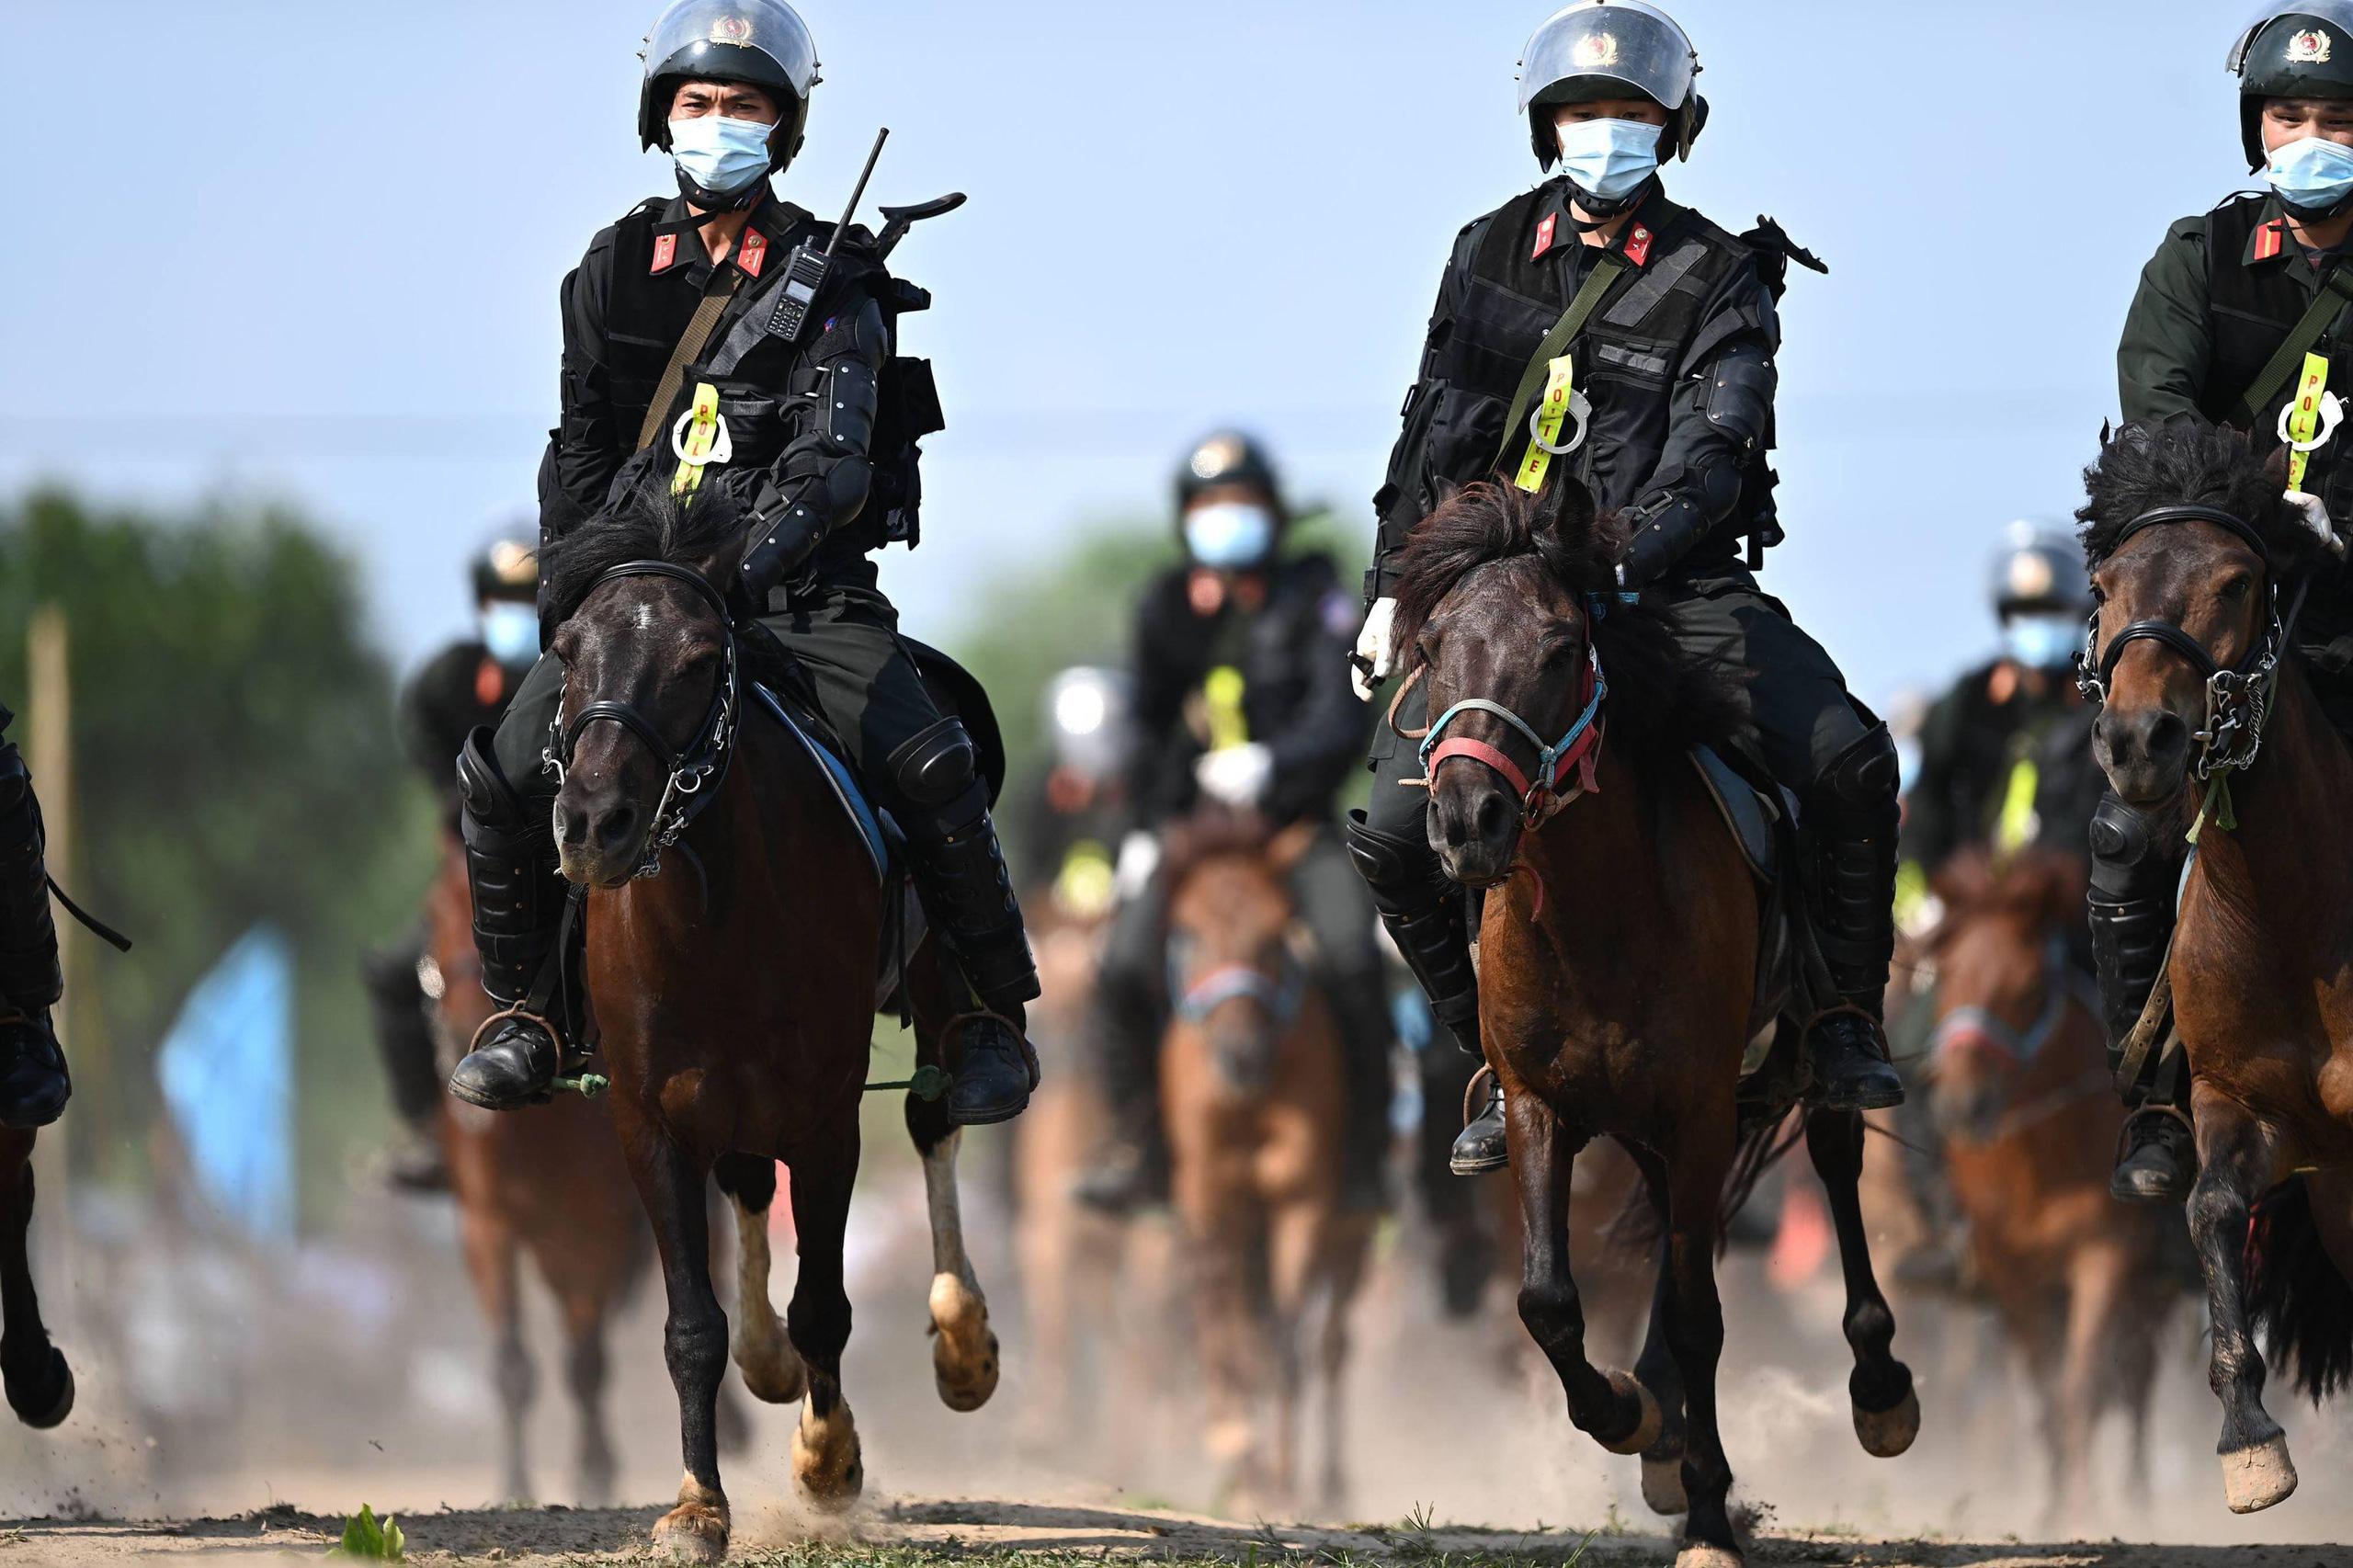 Cảnh sát Cơ động kỵ binh ngày một thuần thục kỹ năng nghiệp vụ - Ảnh 2.